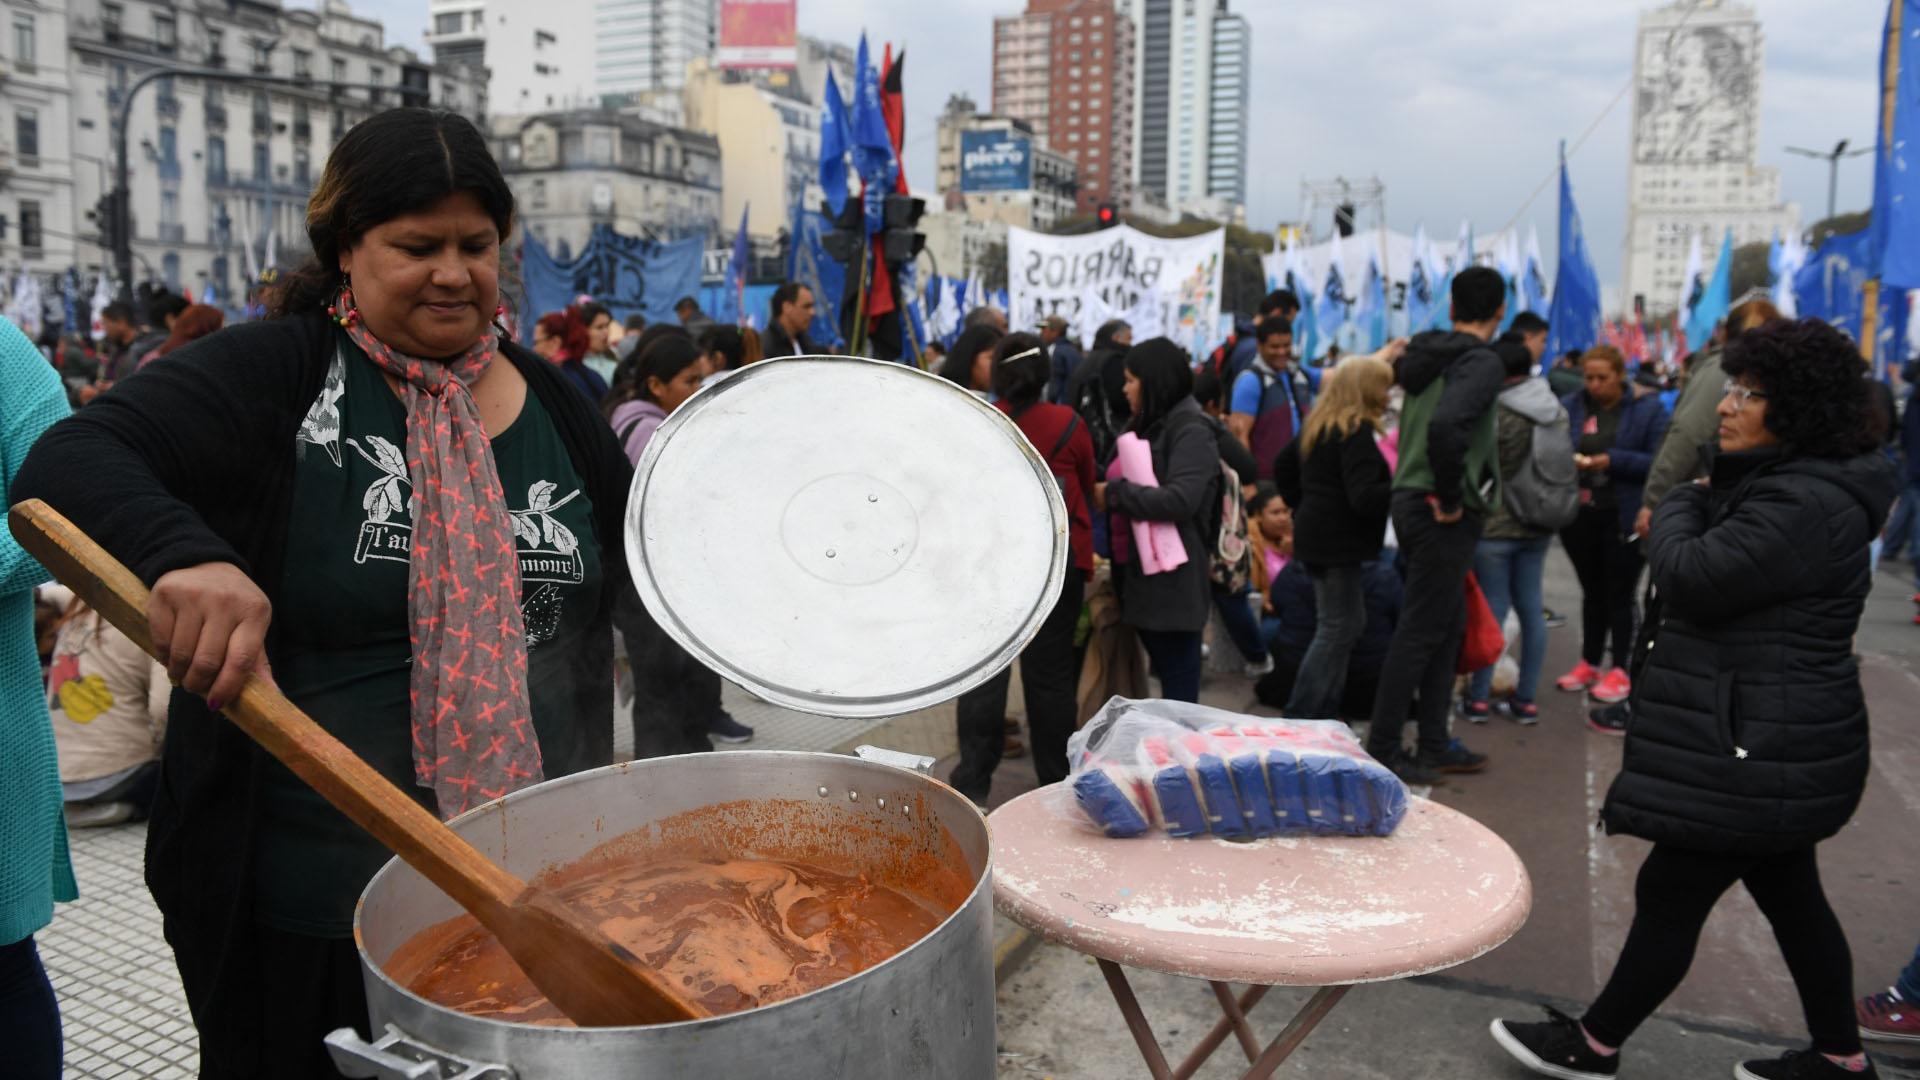 Las ollas populares se instalaron desde temprano en las calles de la ciudad